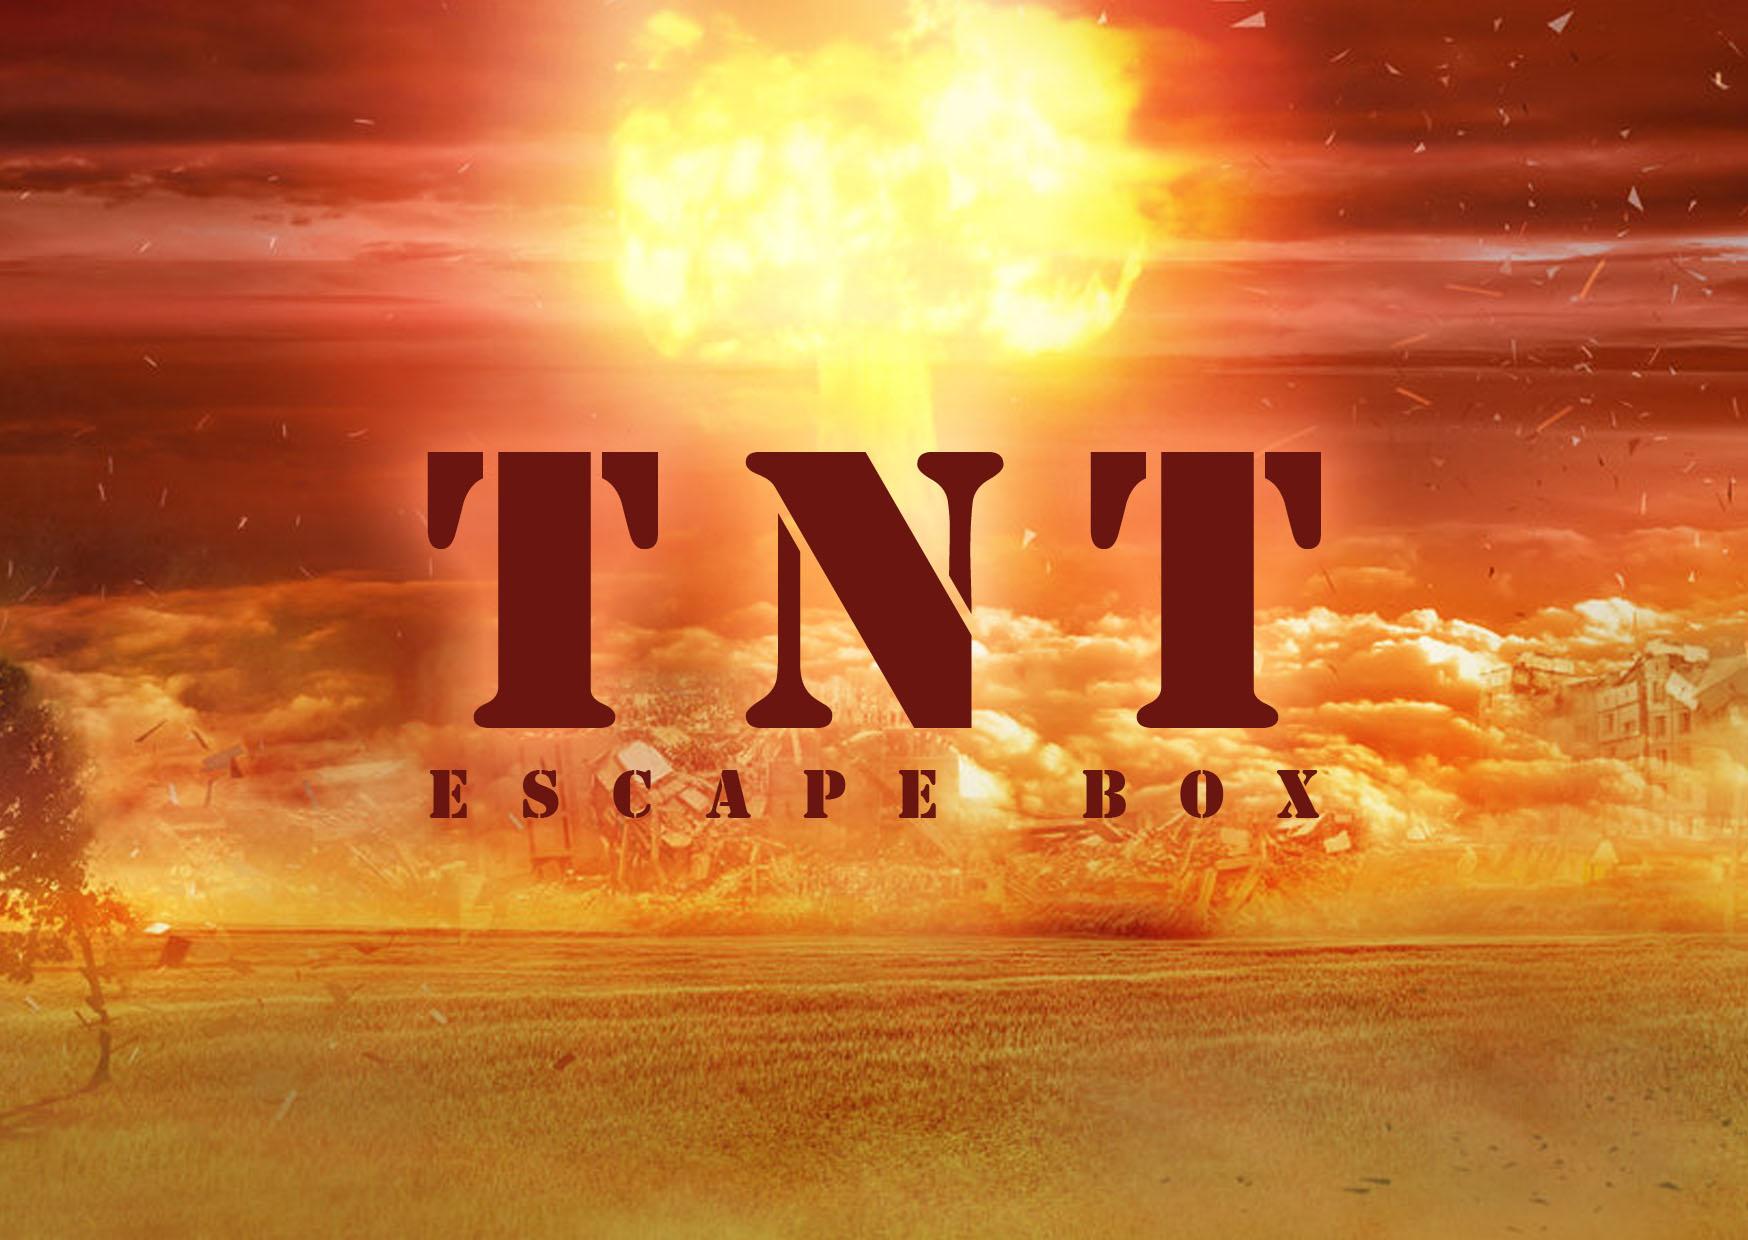 TNT escape box